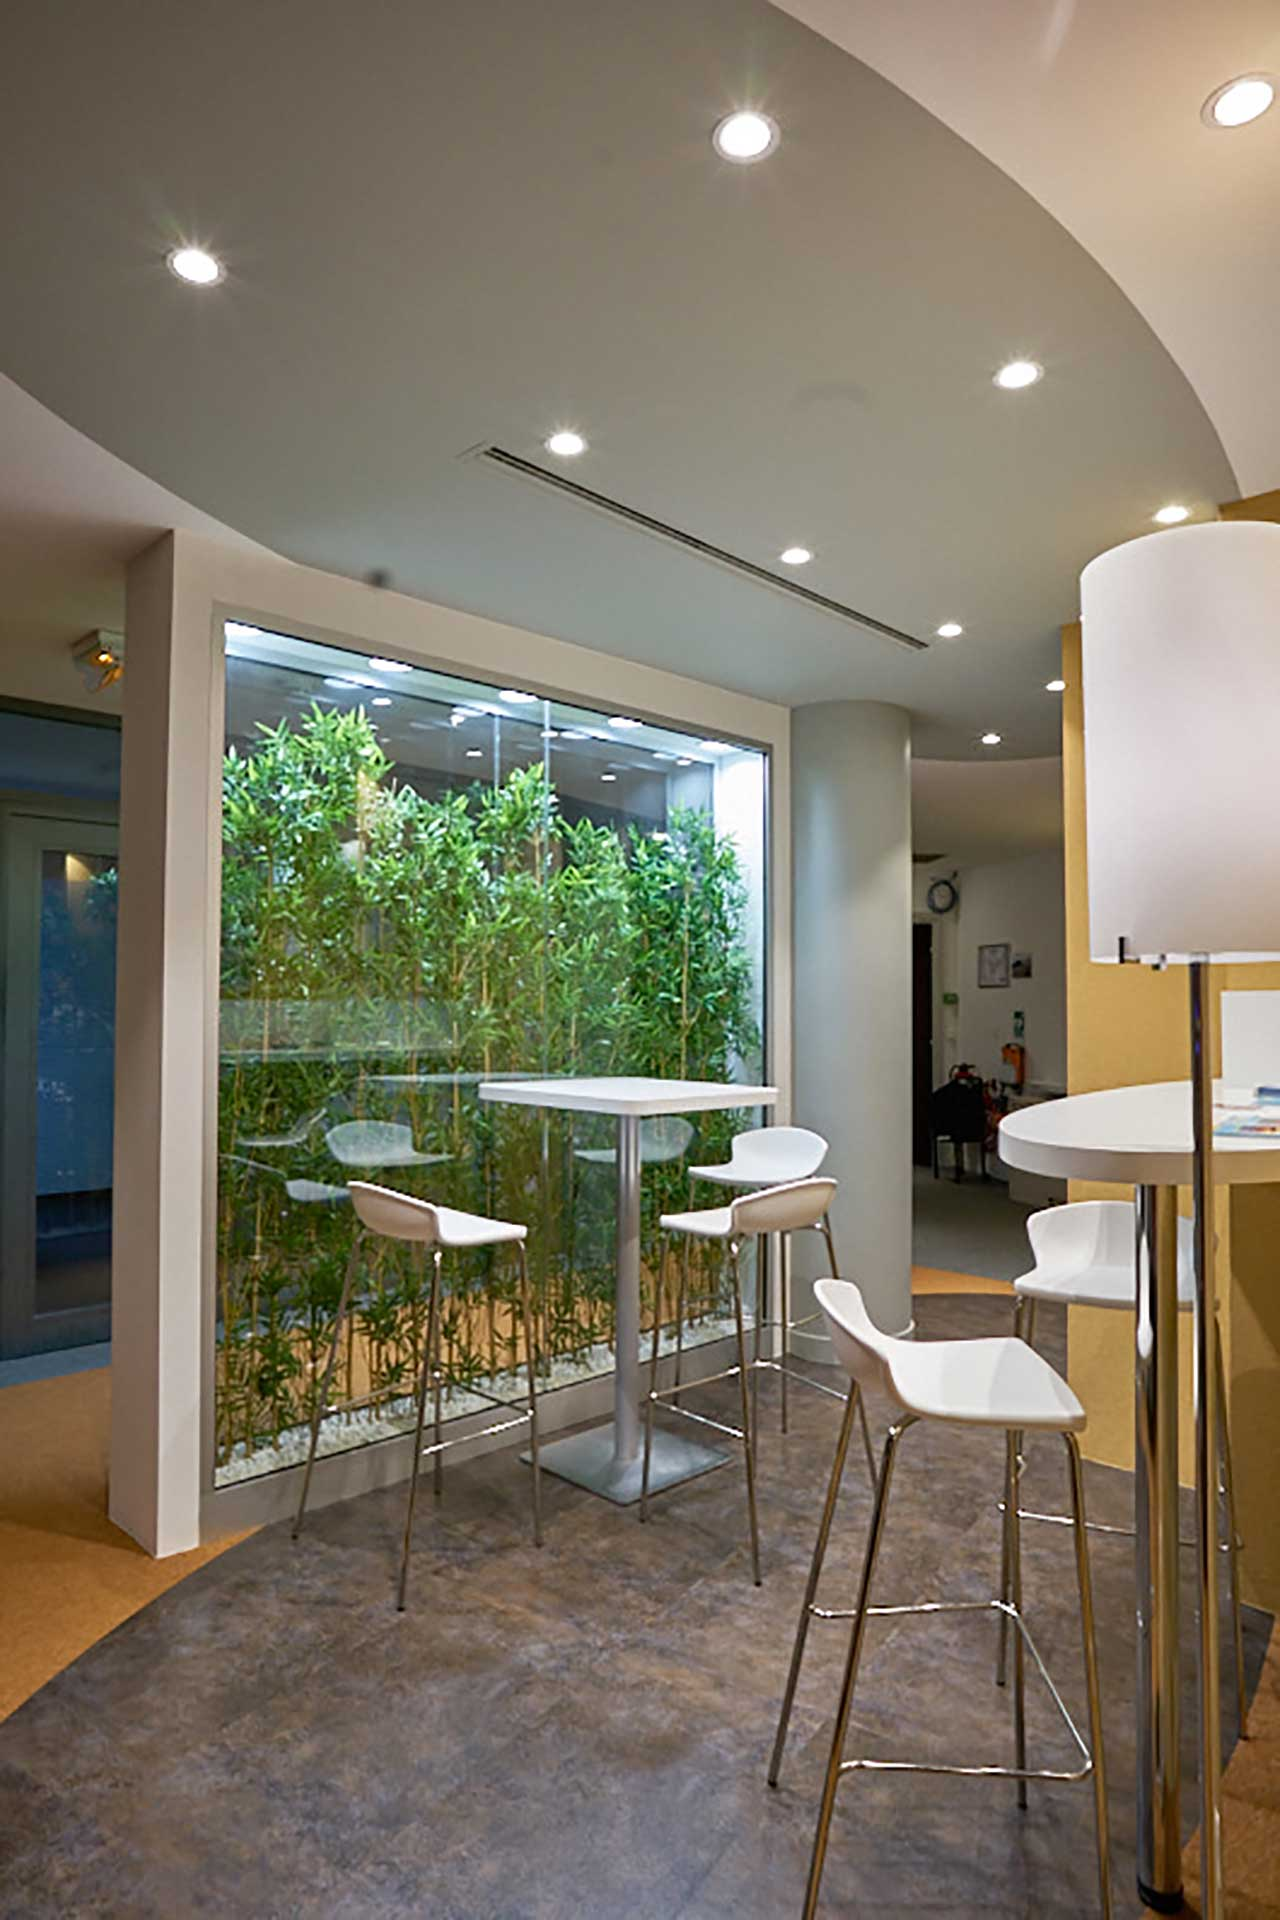 Cloisons amovibles bord à bord vitrées double vitrage végétalisé